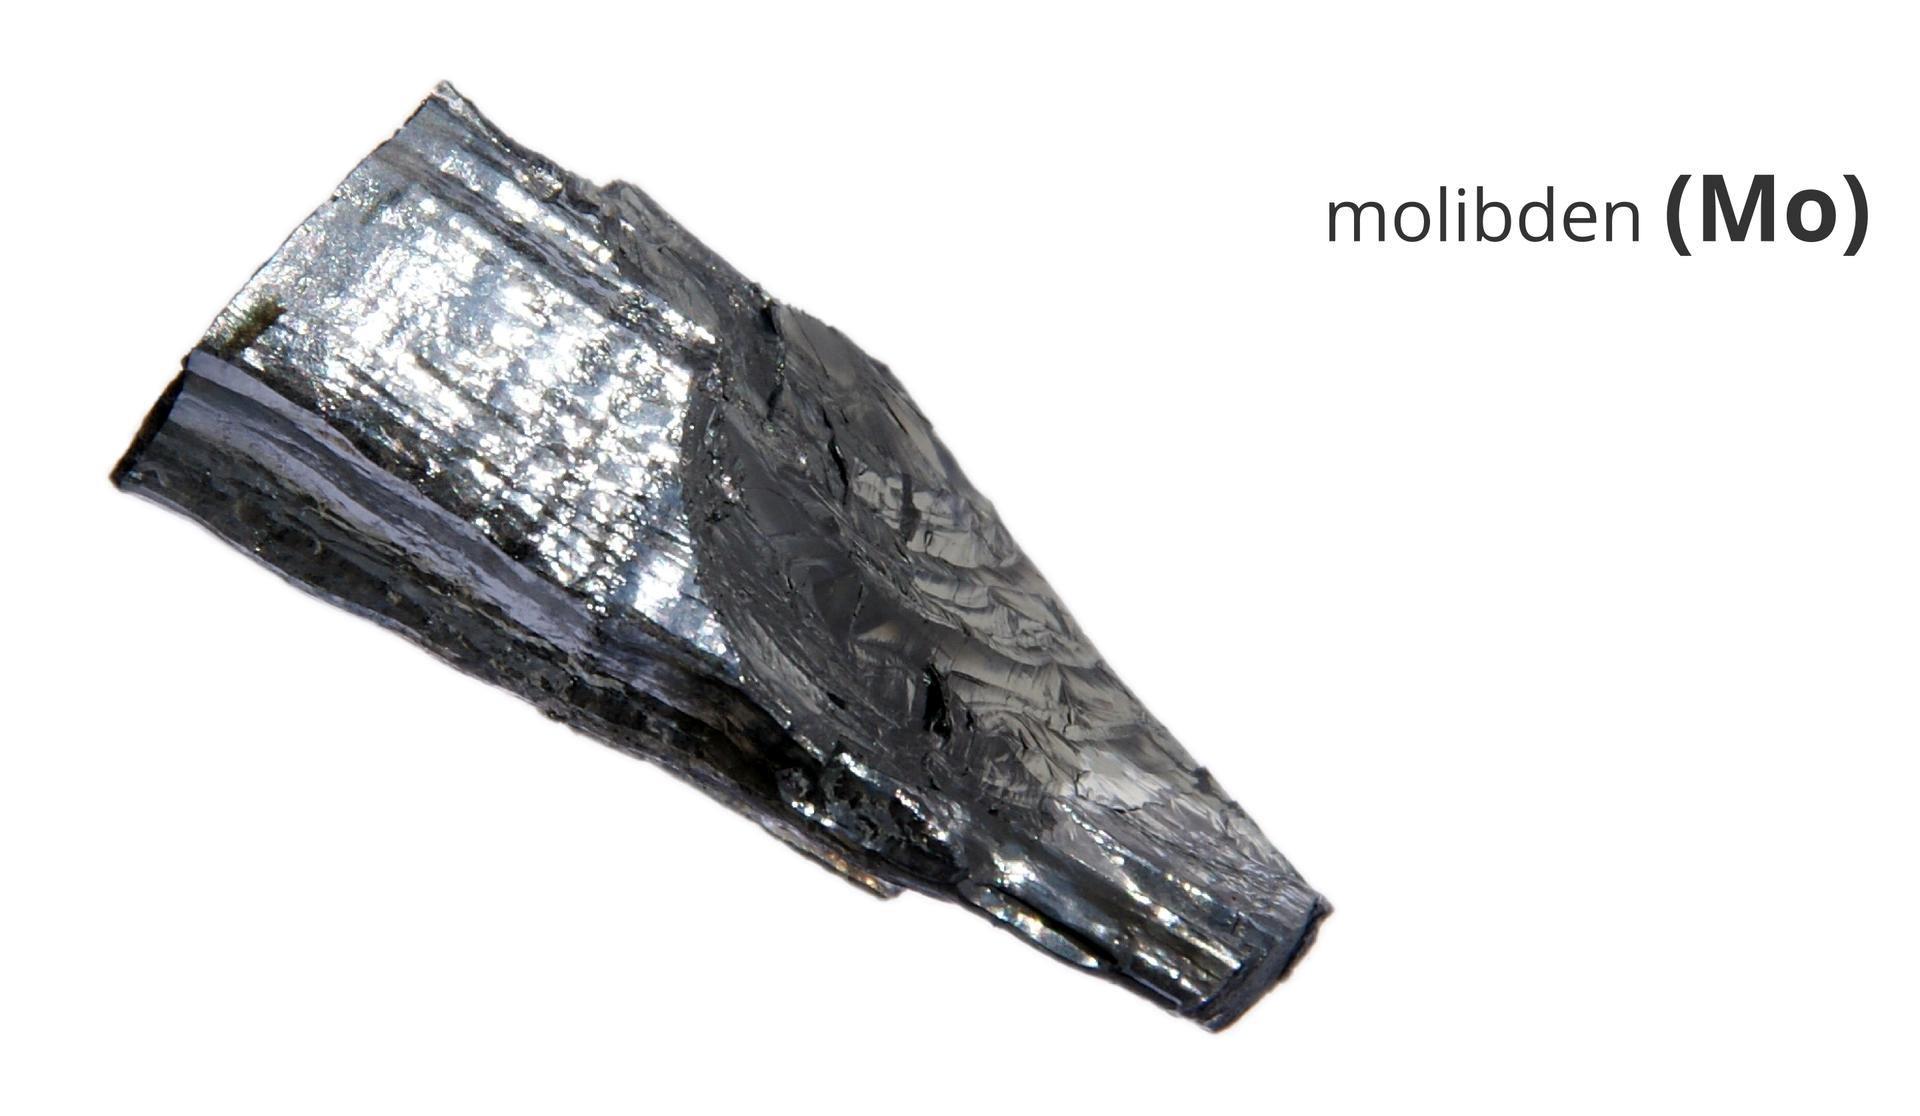 Zdjęcie przedstawia kawałek metalicznego molibdenu. Obok widnieje napis molibden ijego symbol Mo.